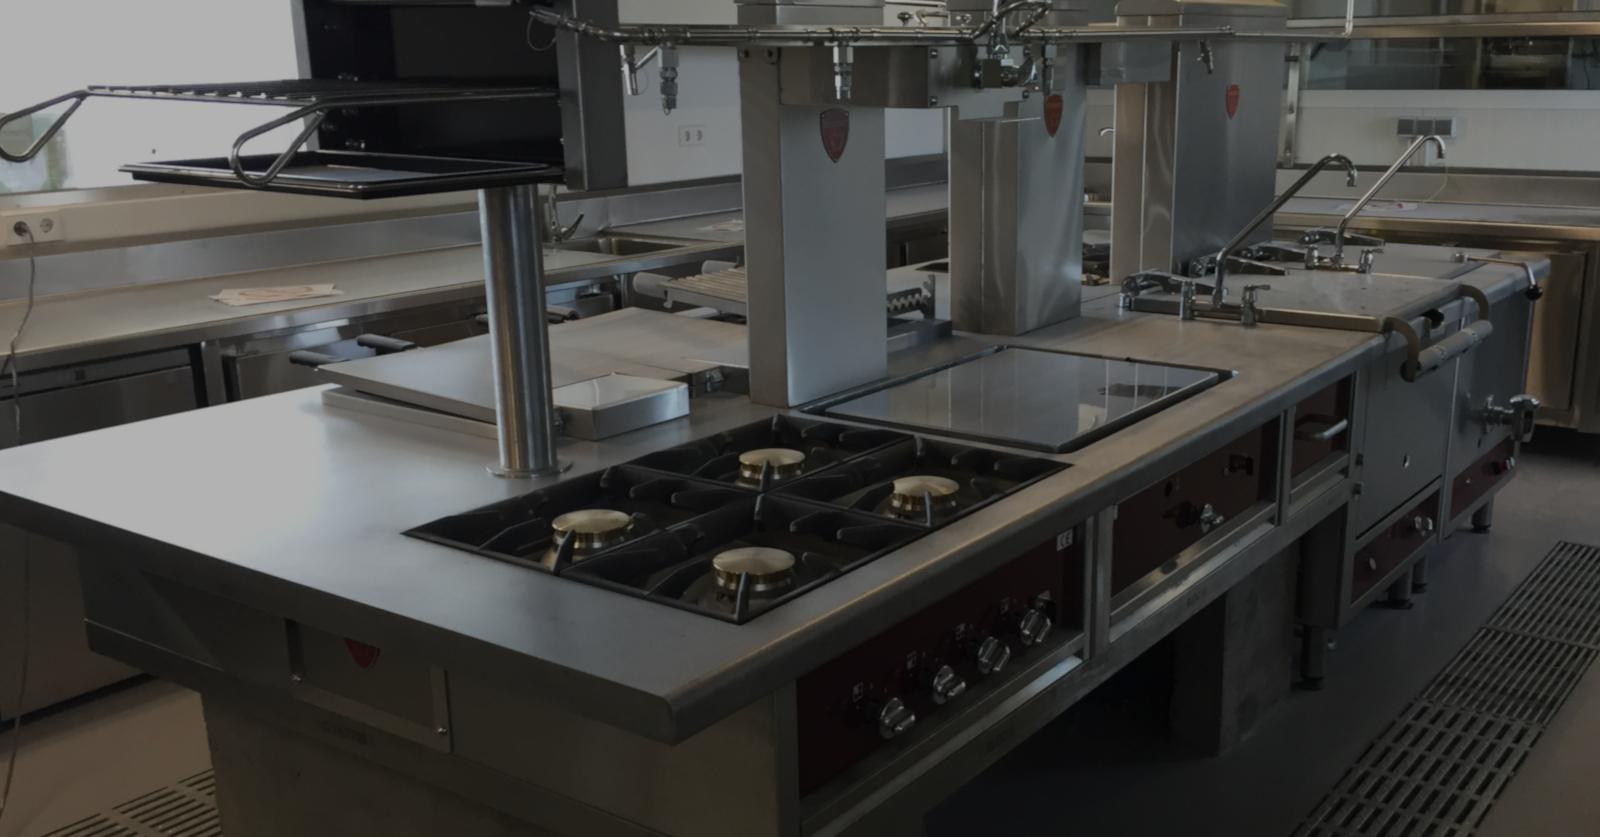 Más de 25 años diseñando e instalando cocinas industriales